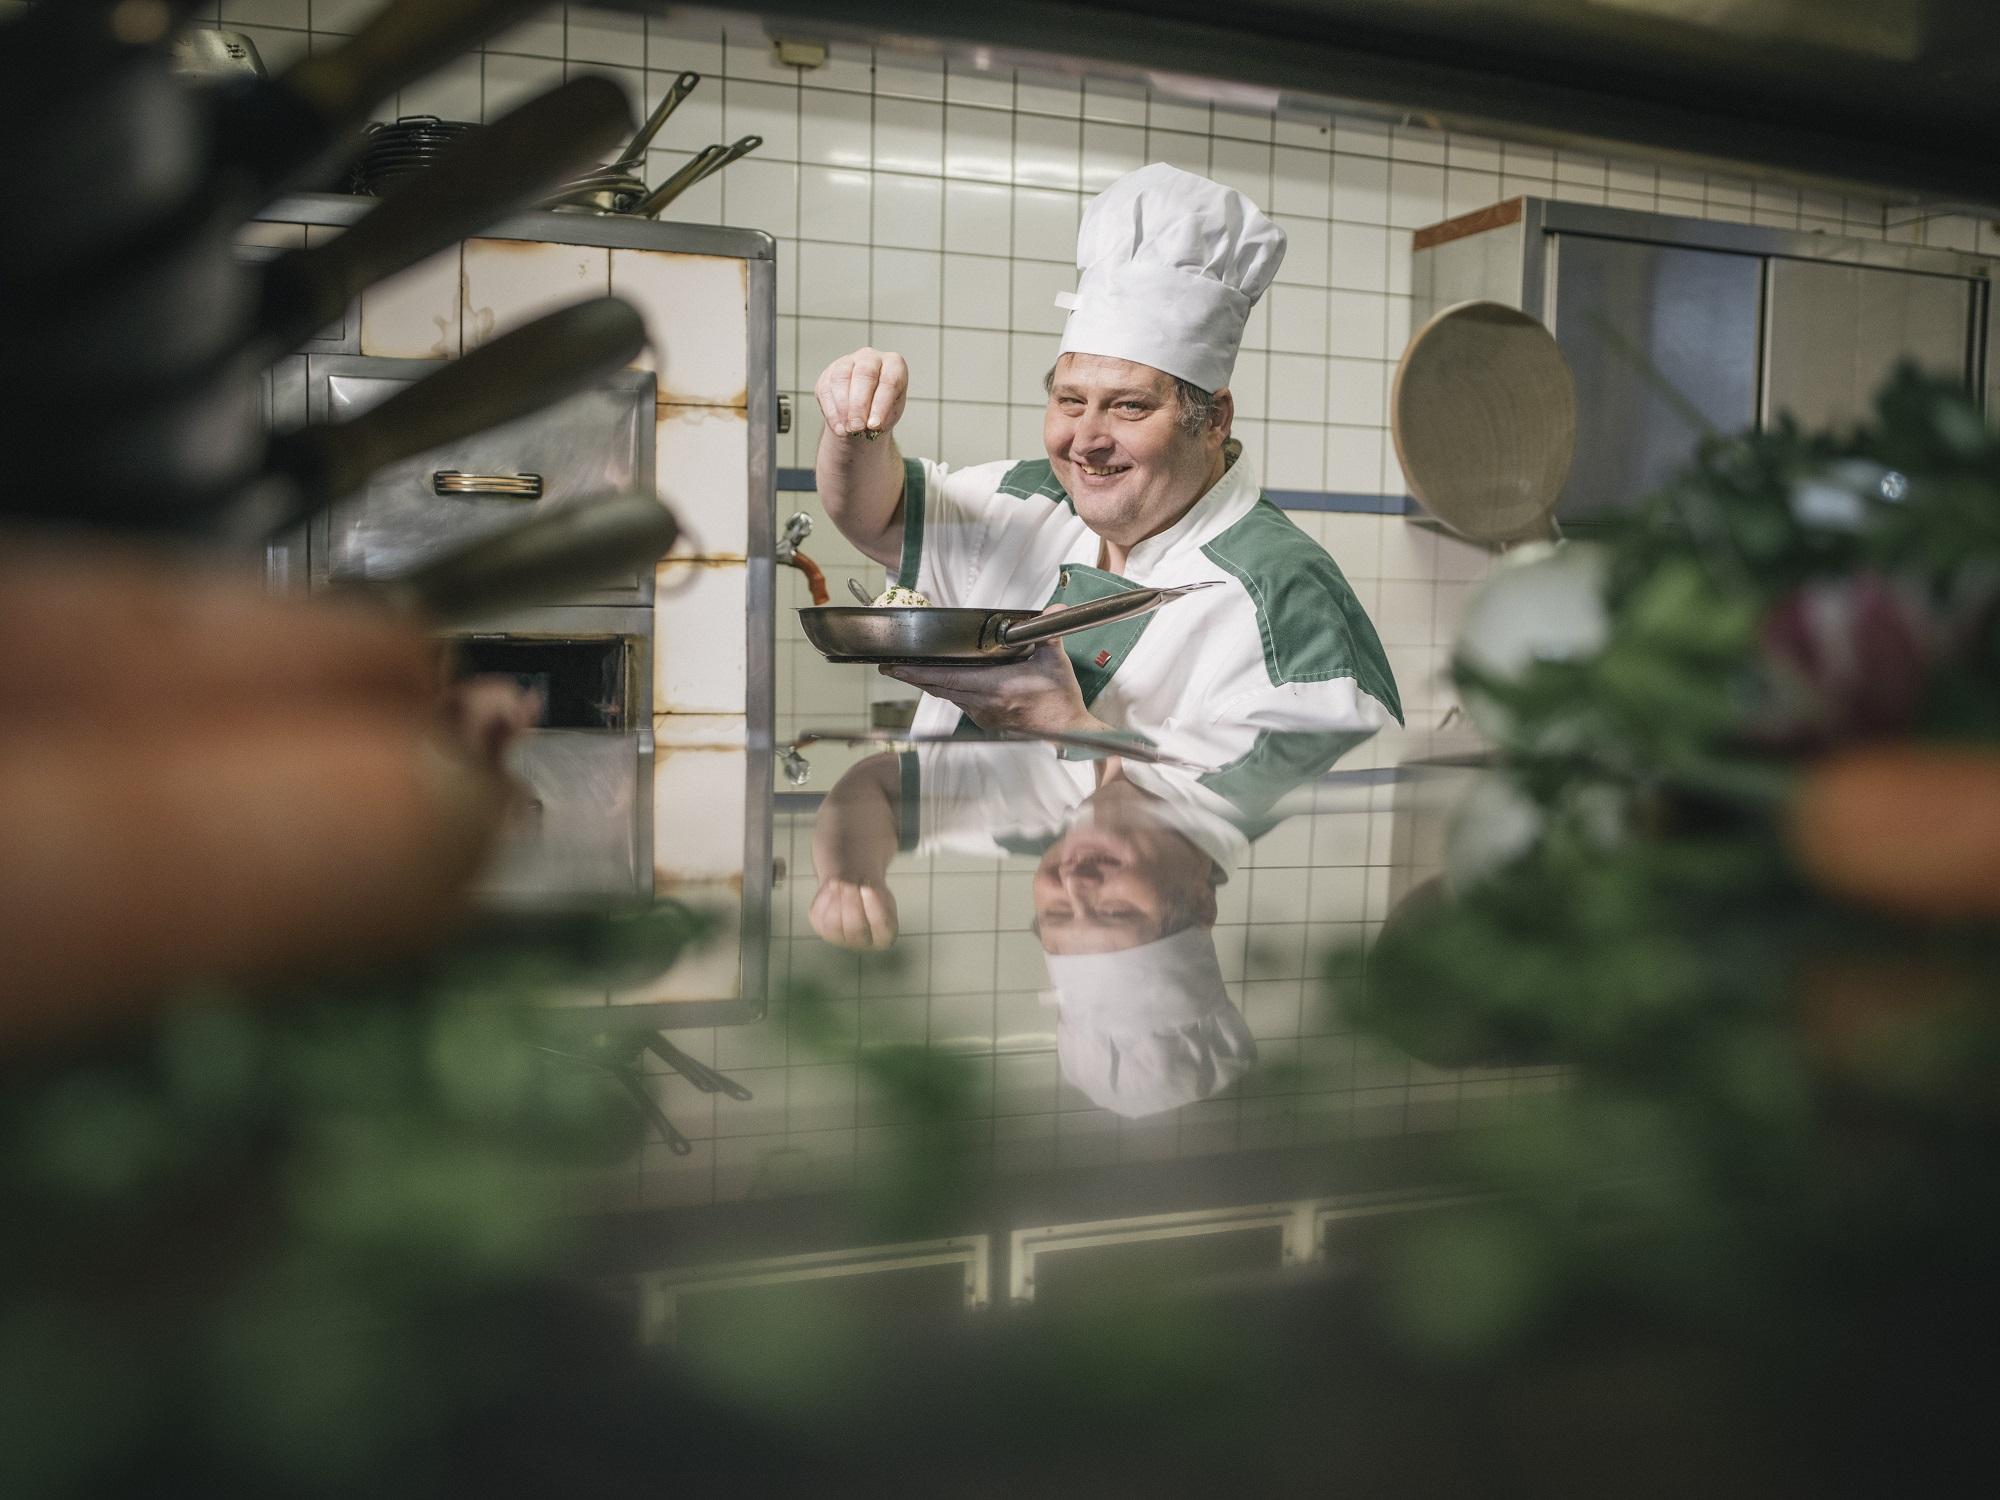 Christoph bereitet aus regionalen Produkten ein köstliches Gericht.